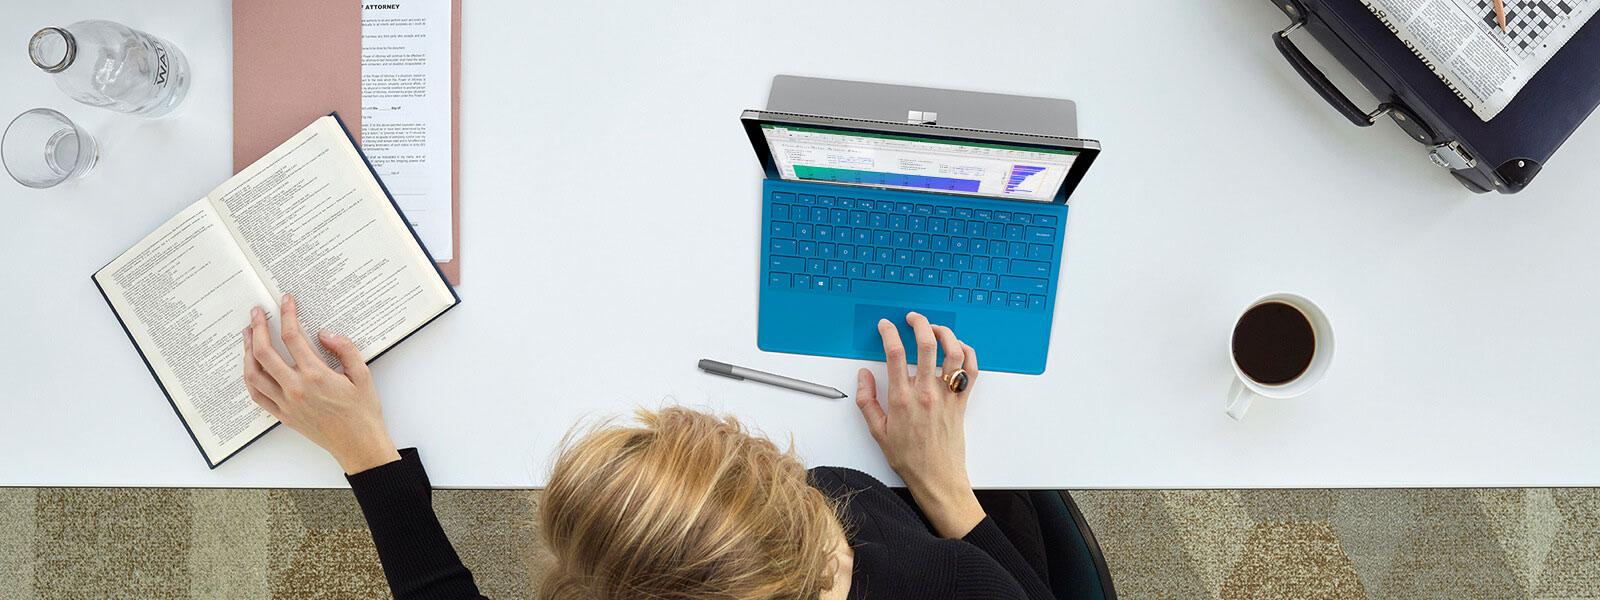 女人在 Surface Pro 4 上打字的鳥瞰圖。